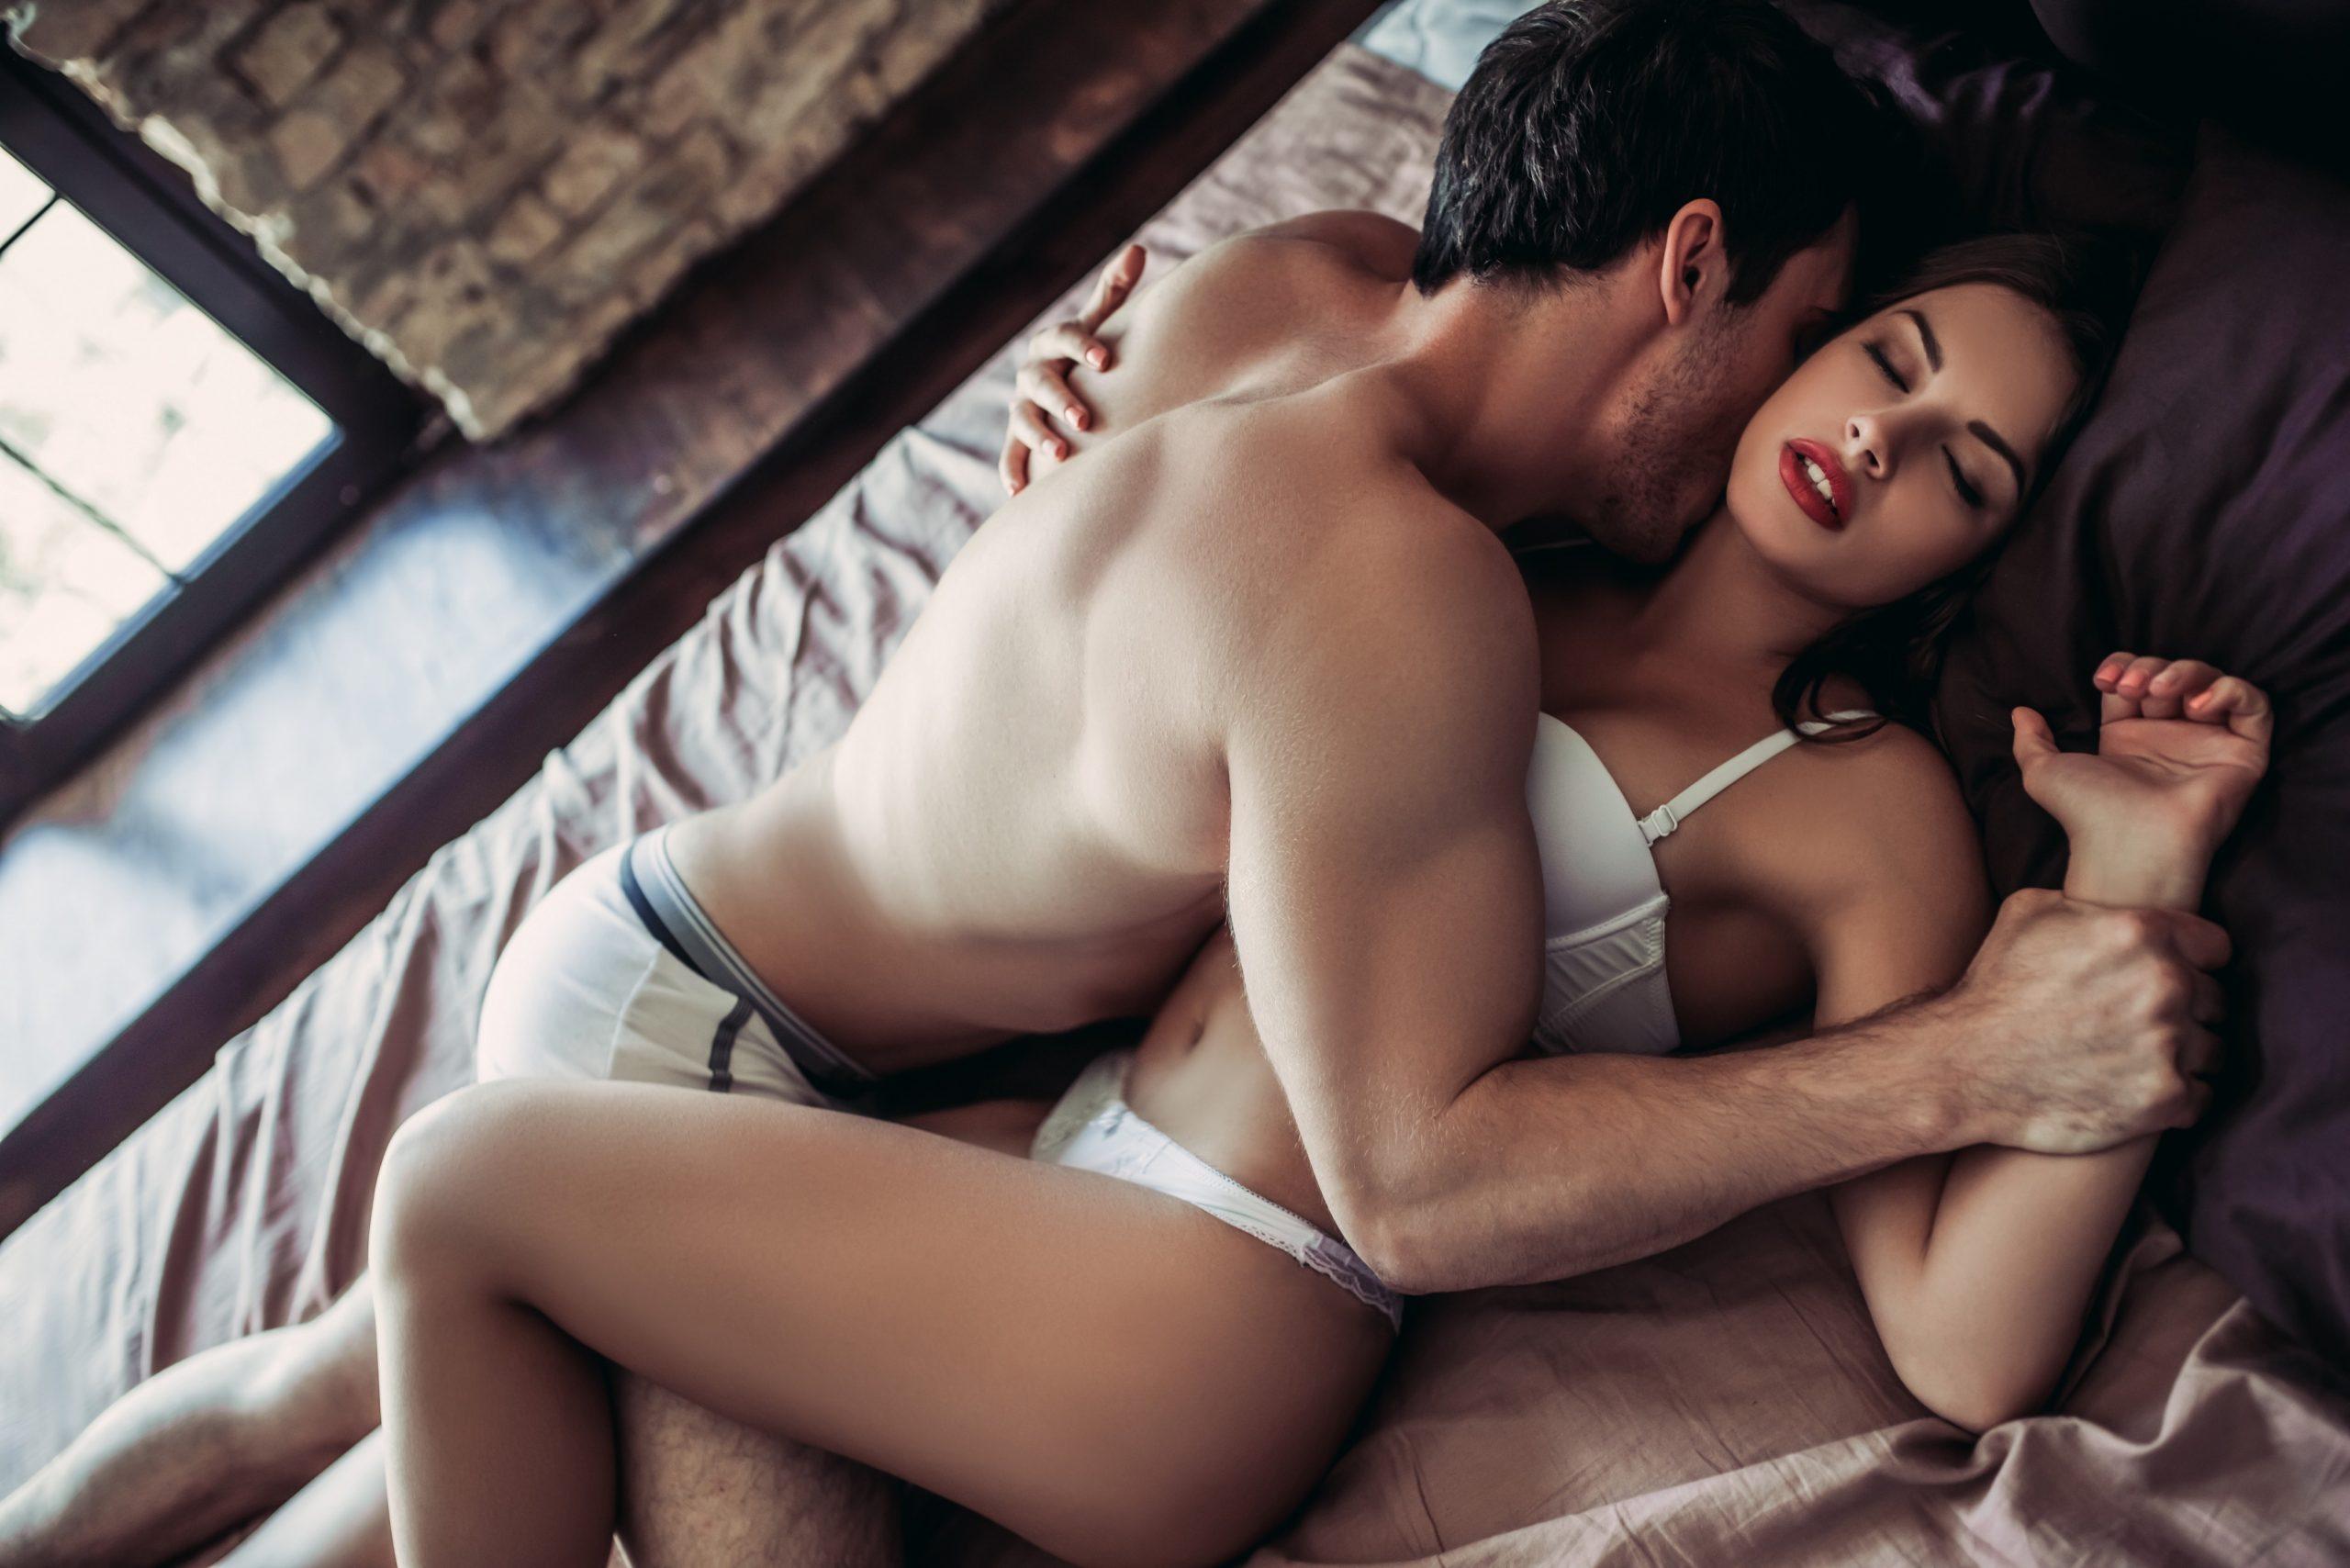 Σεξουαλική Συμπεριφορά: Το πιο συχνό γυναικείο ταμπού